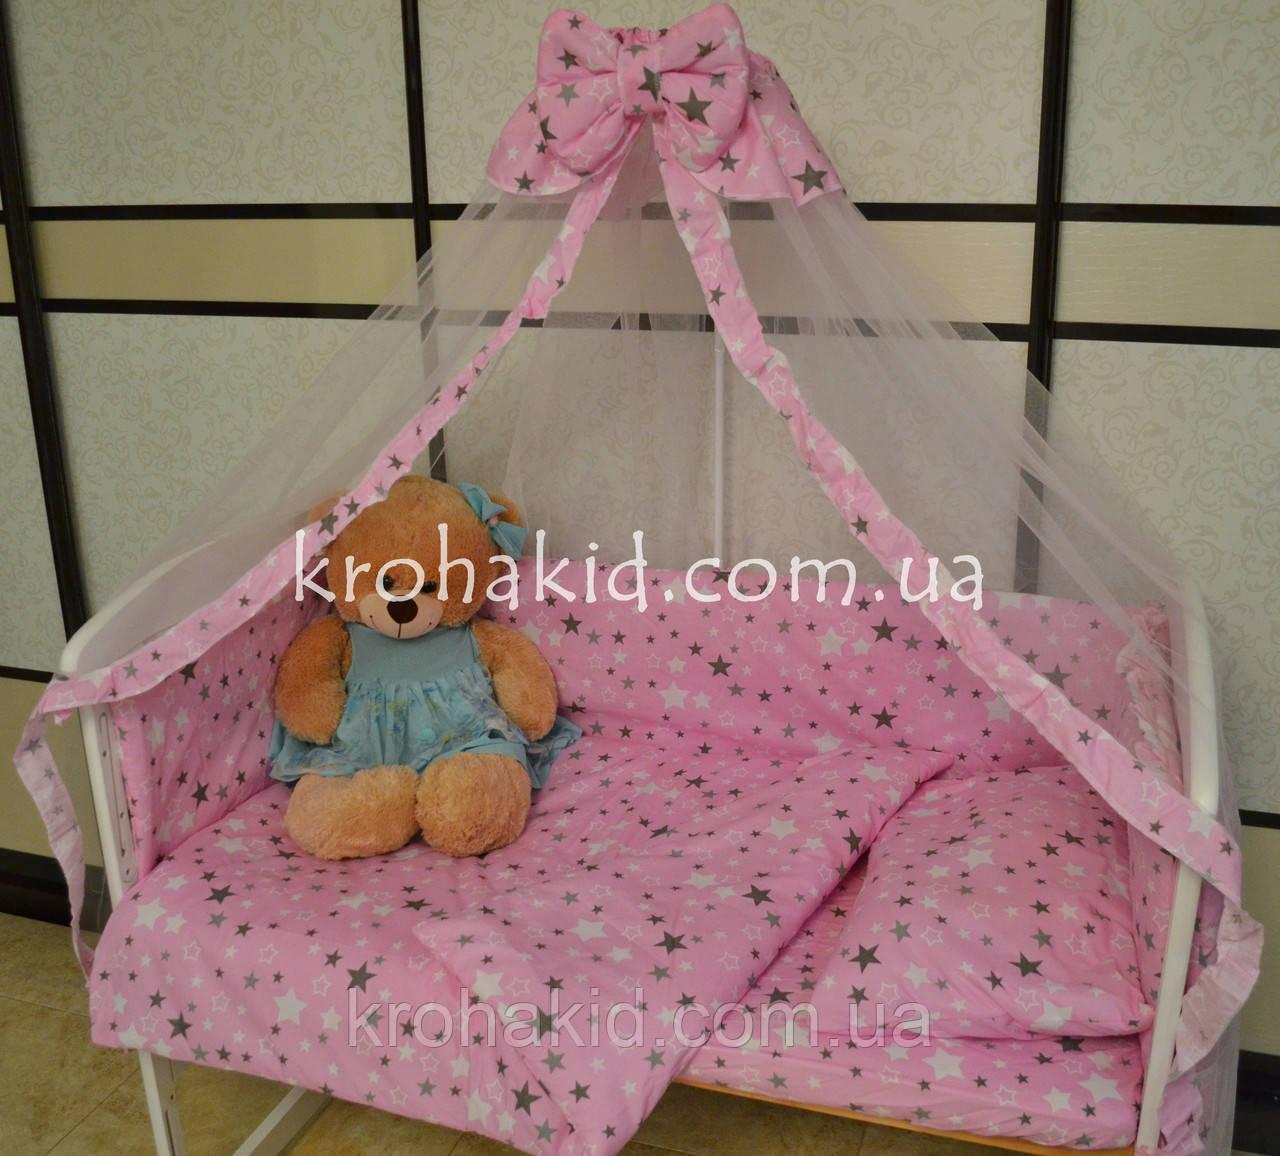 Набор детского постельного белья в кроватку звездочки на розовом / Бортики в кроватку / Защита в манеж